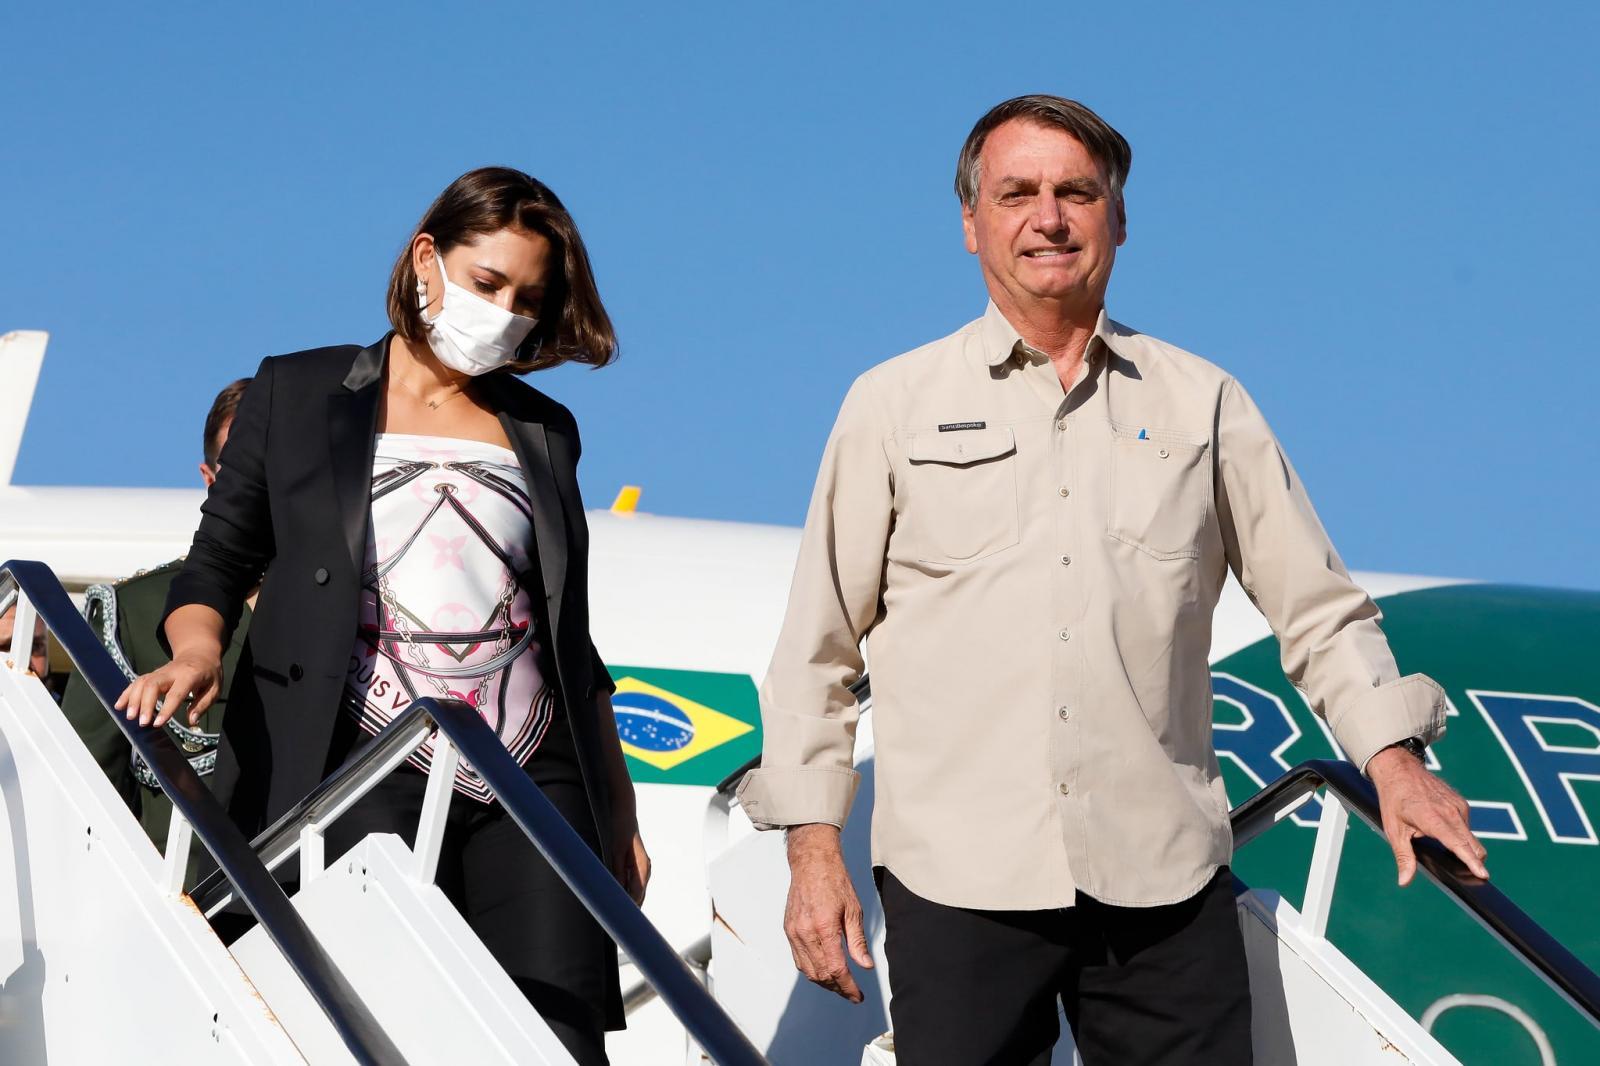 Discurso na ONU 'vai ser em Braille', diz Bolsonaro em NY